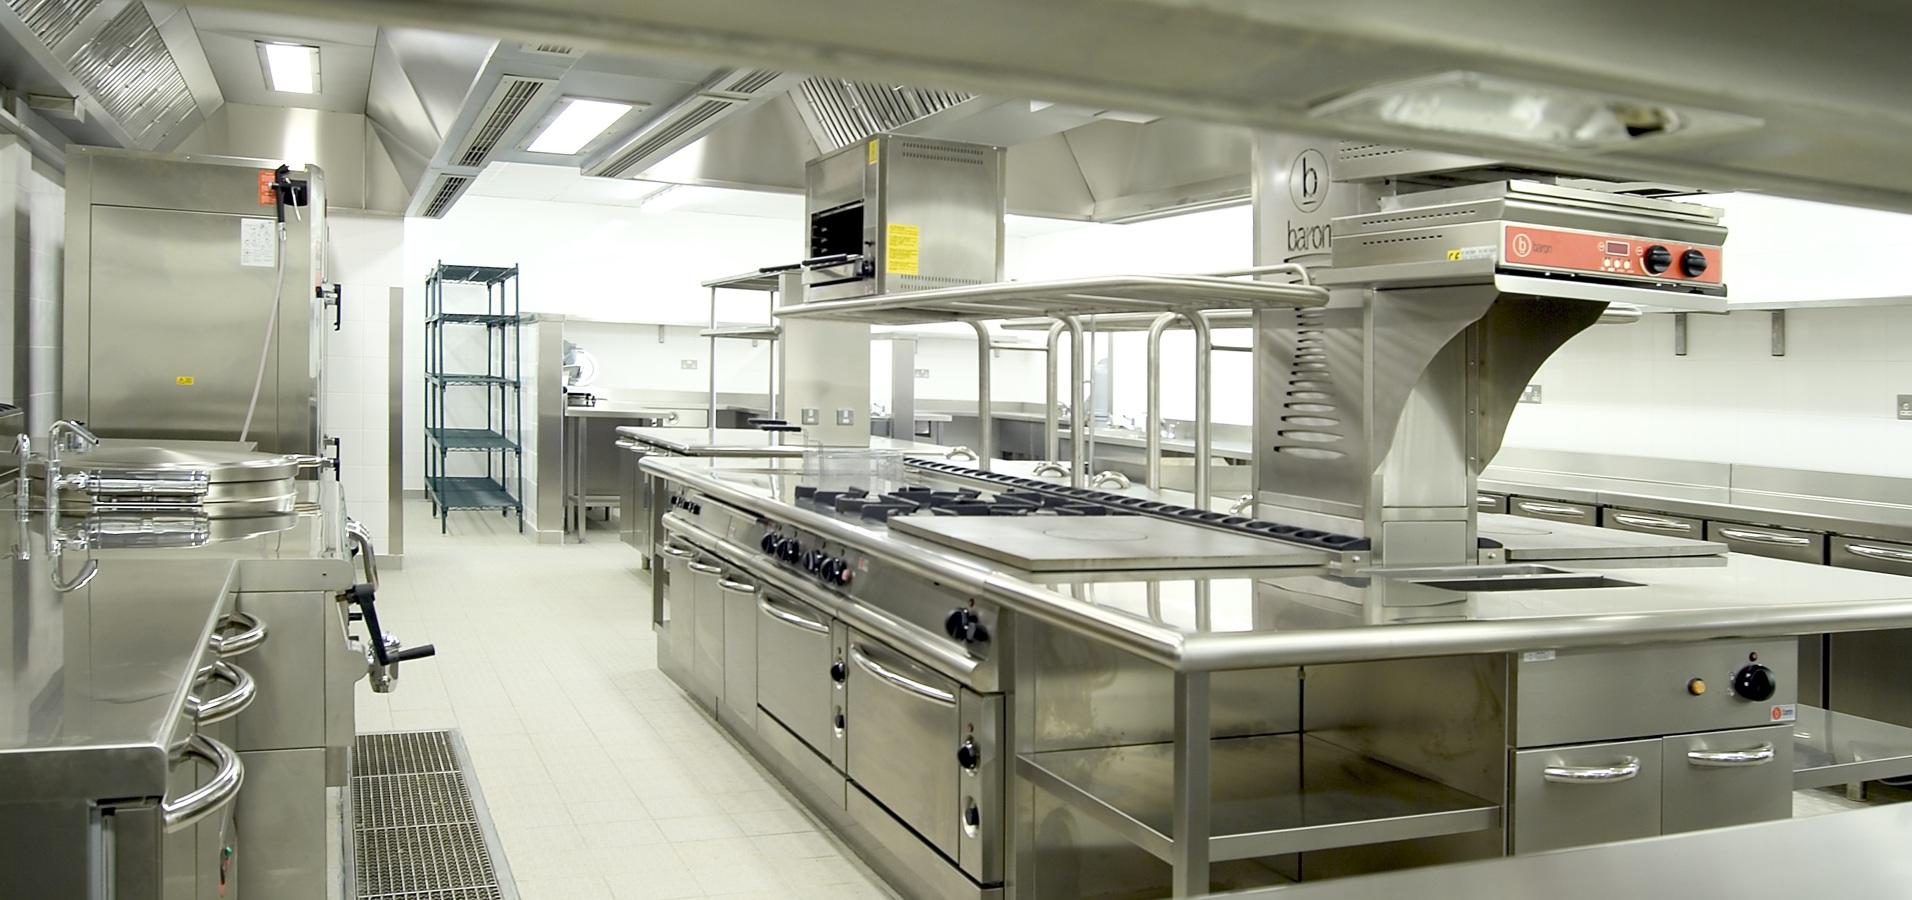 Cocina central.